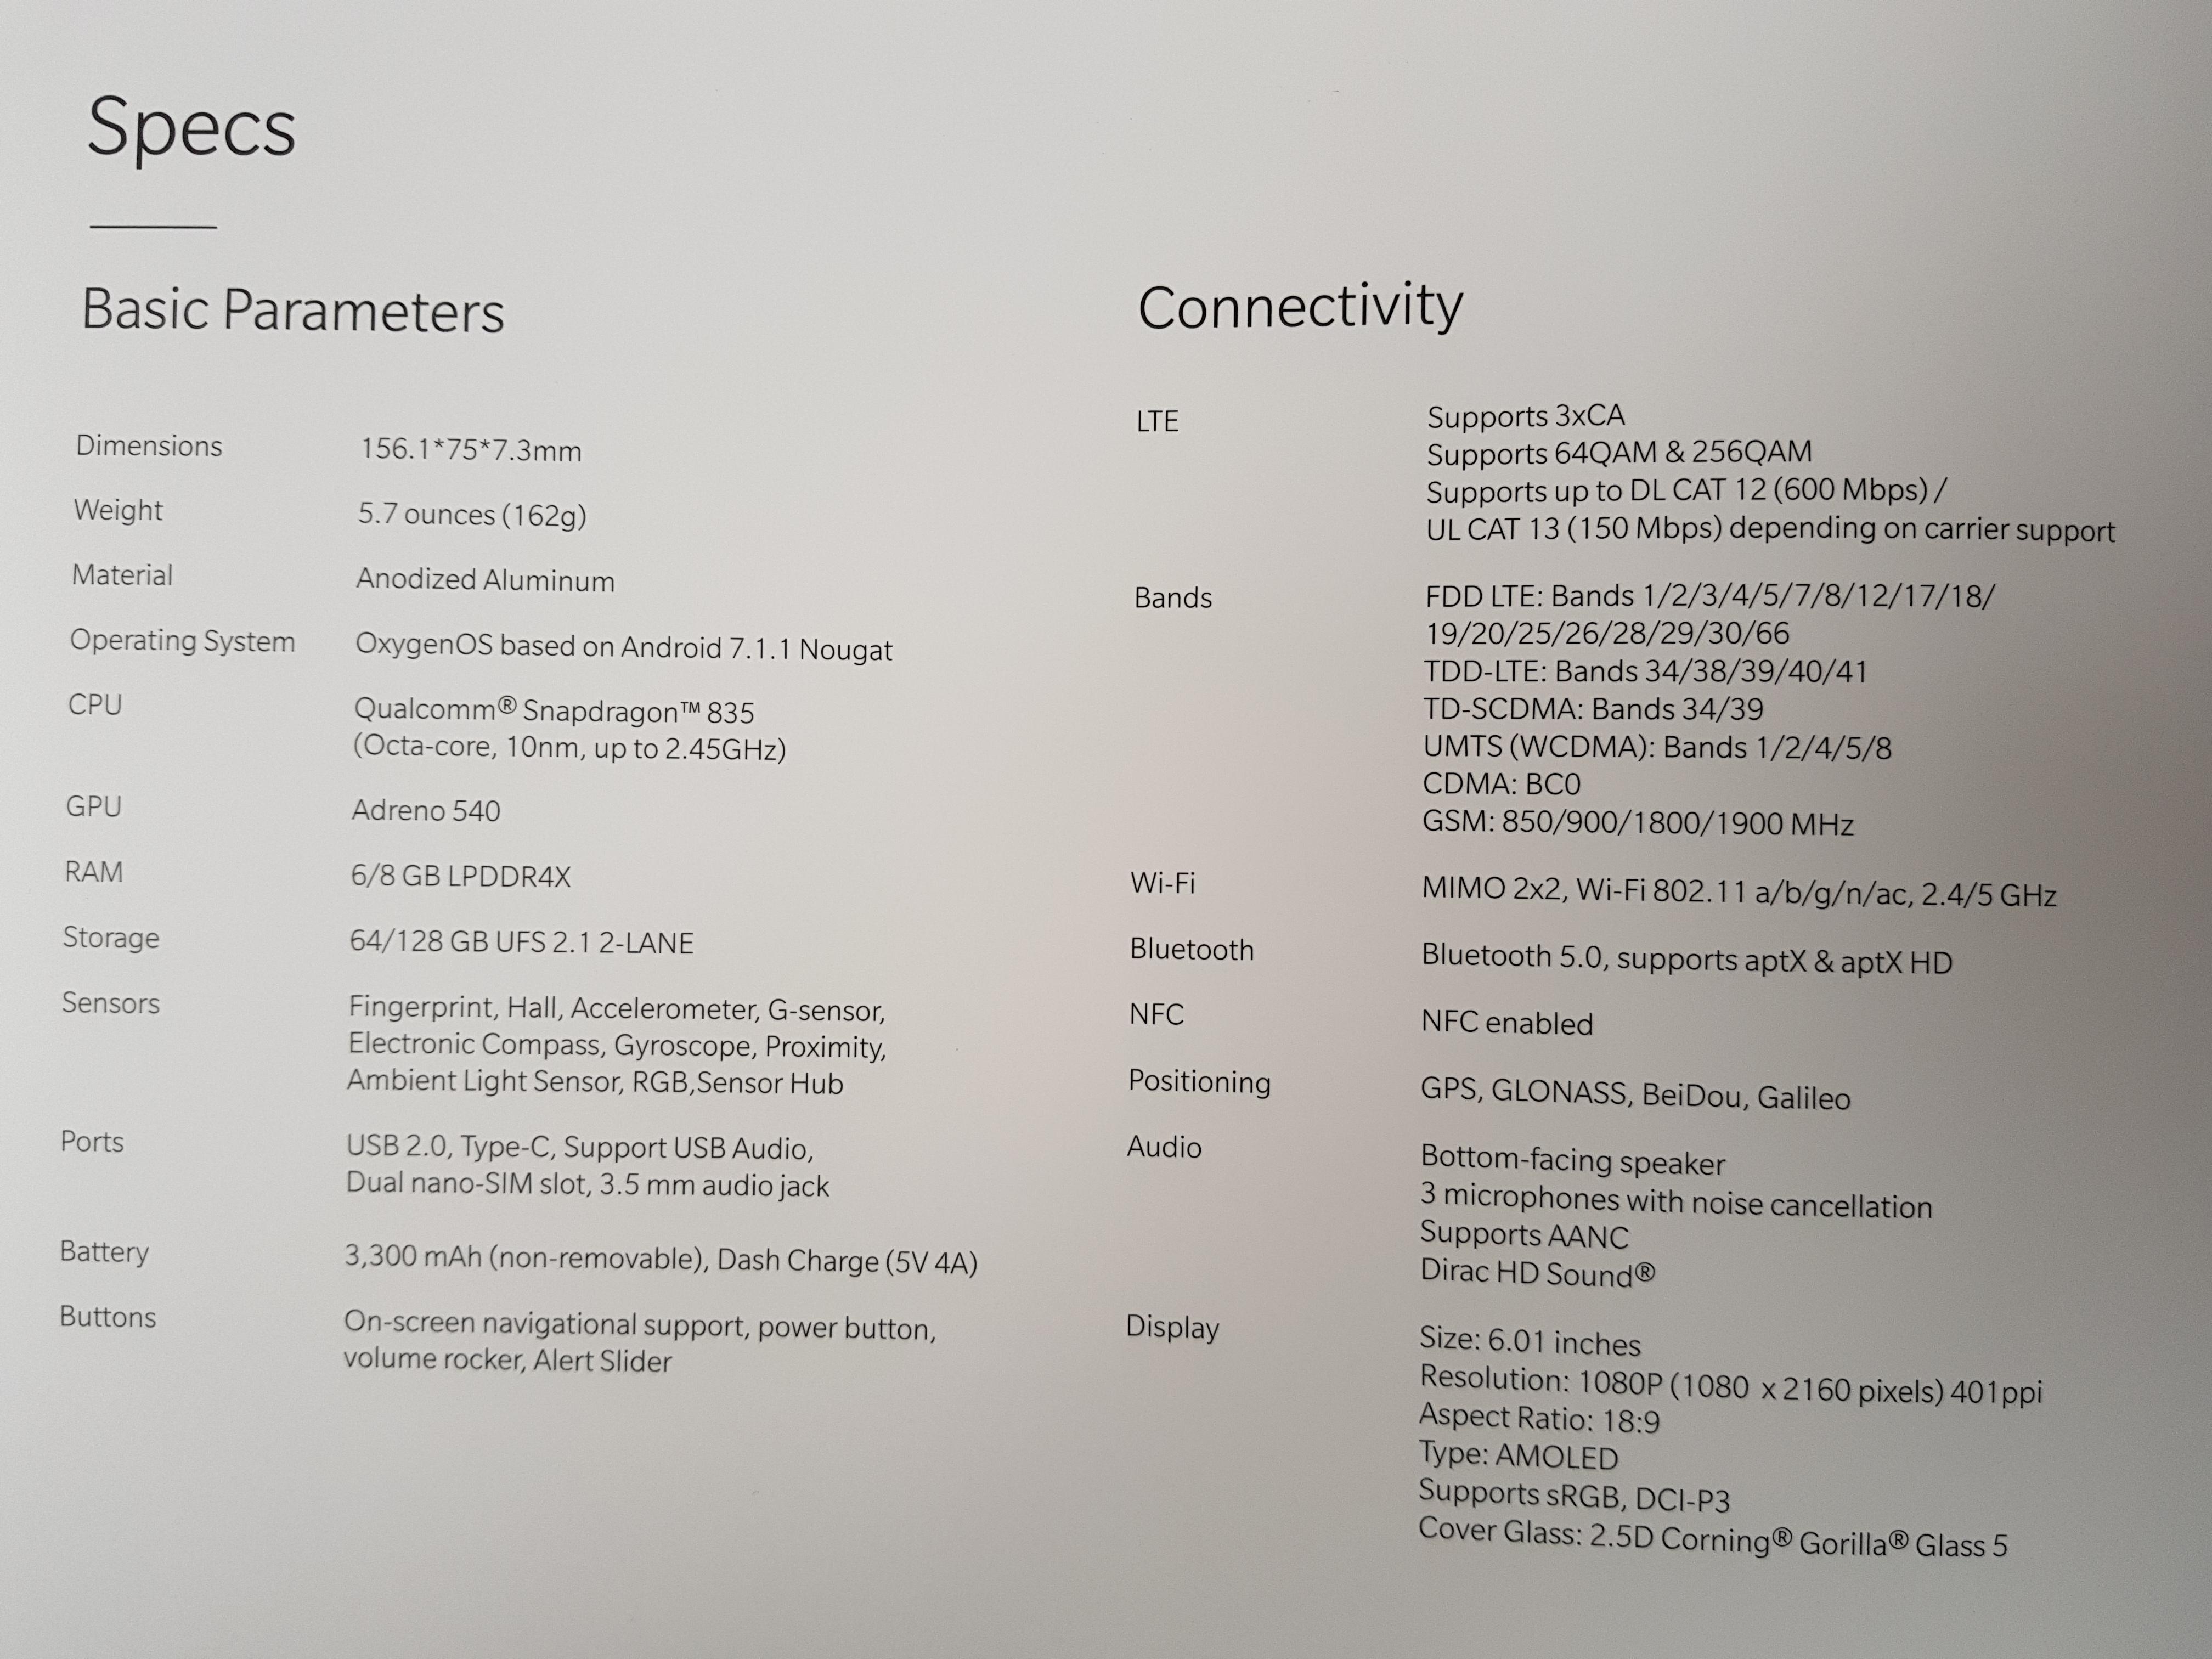 Hier die grundsätzlichen technischen Daten des Smartphones.